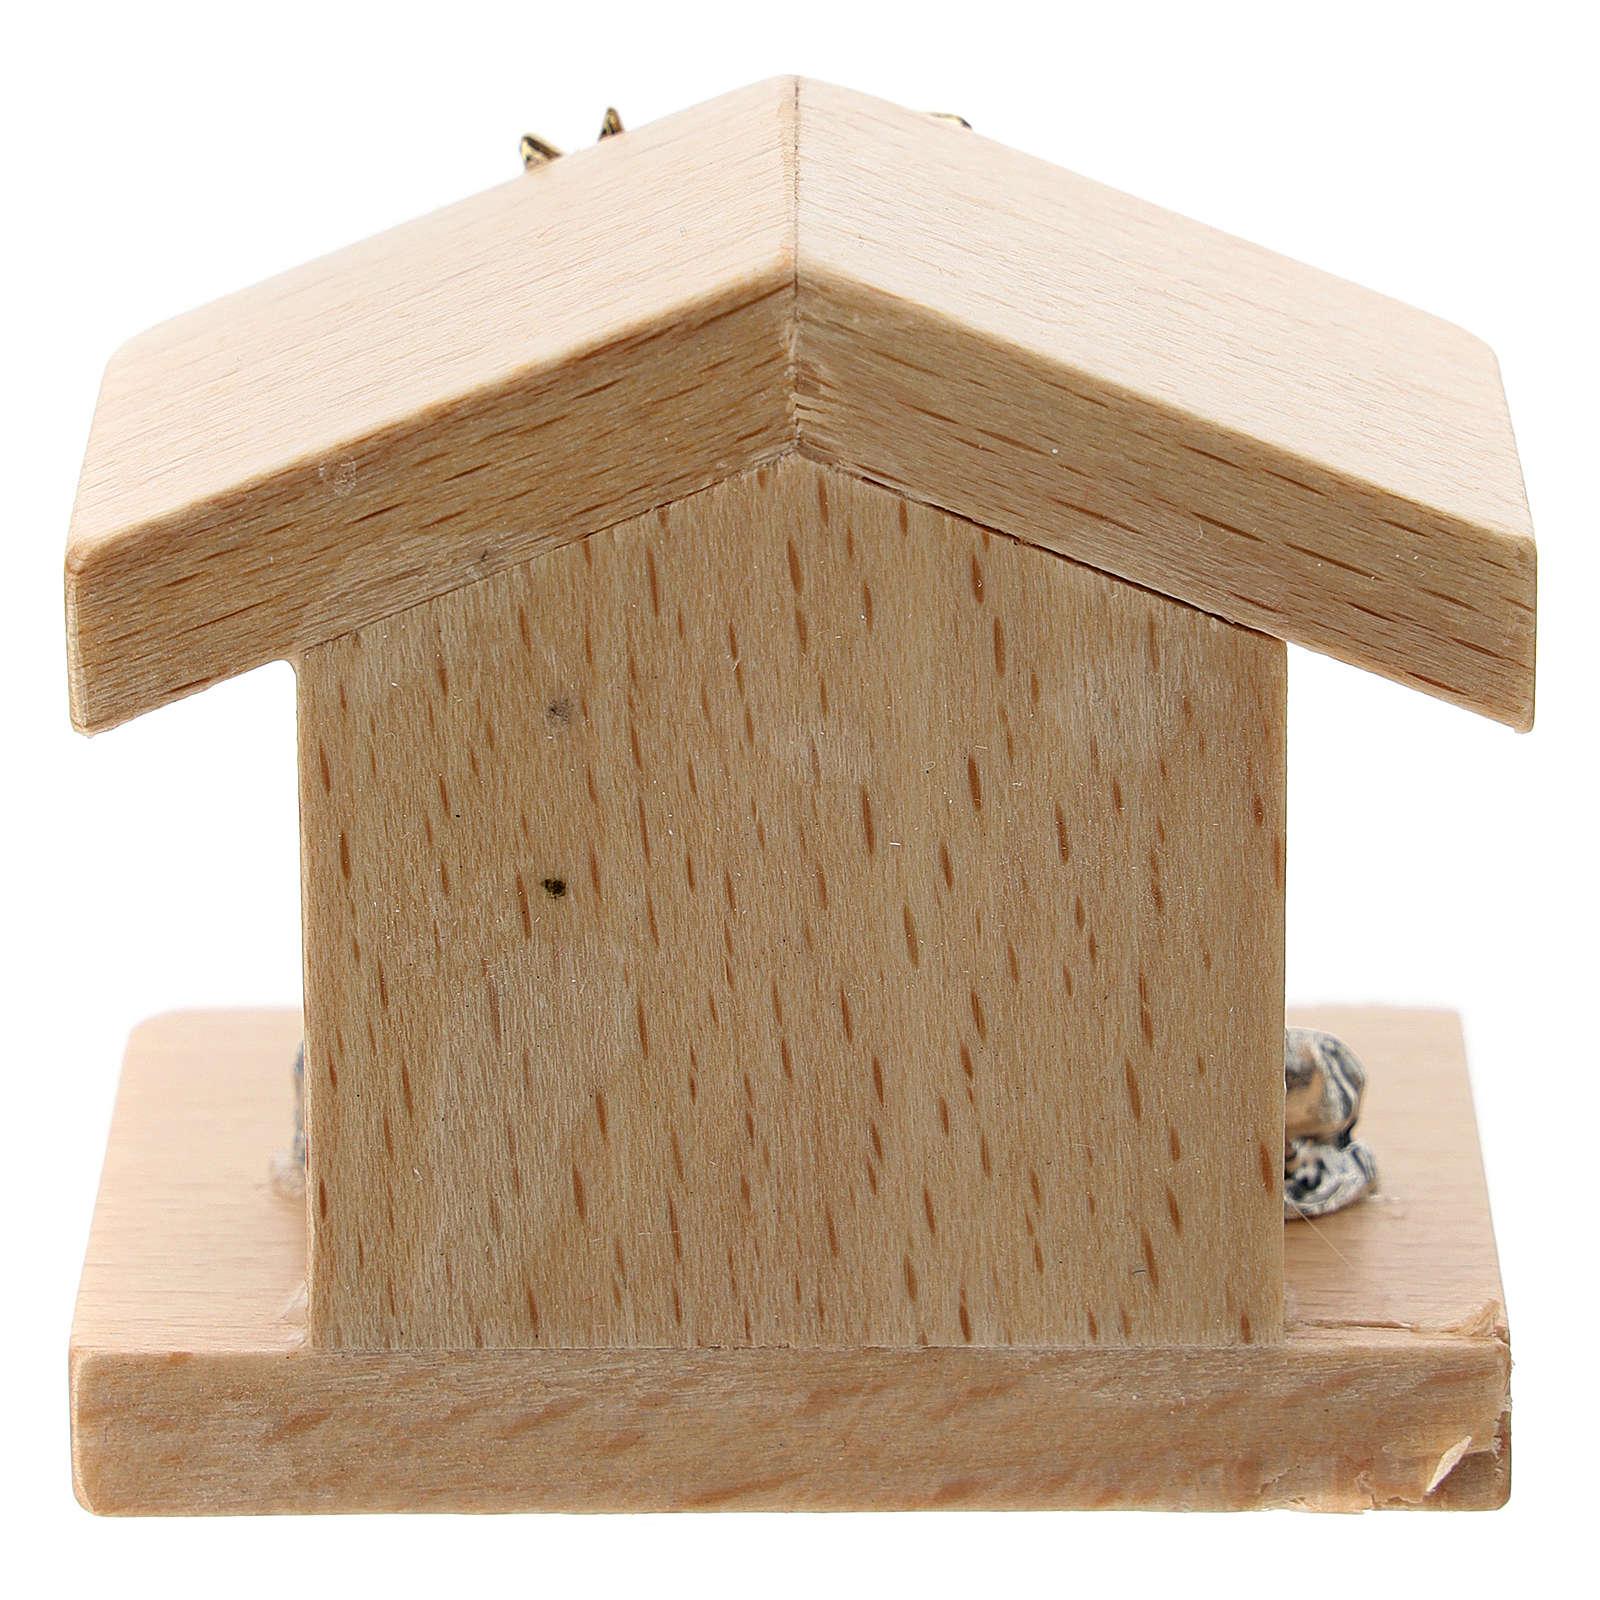 Nativité métal et cabane bois de poirier 5 cm 3